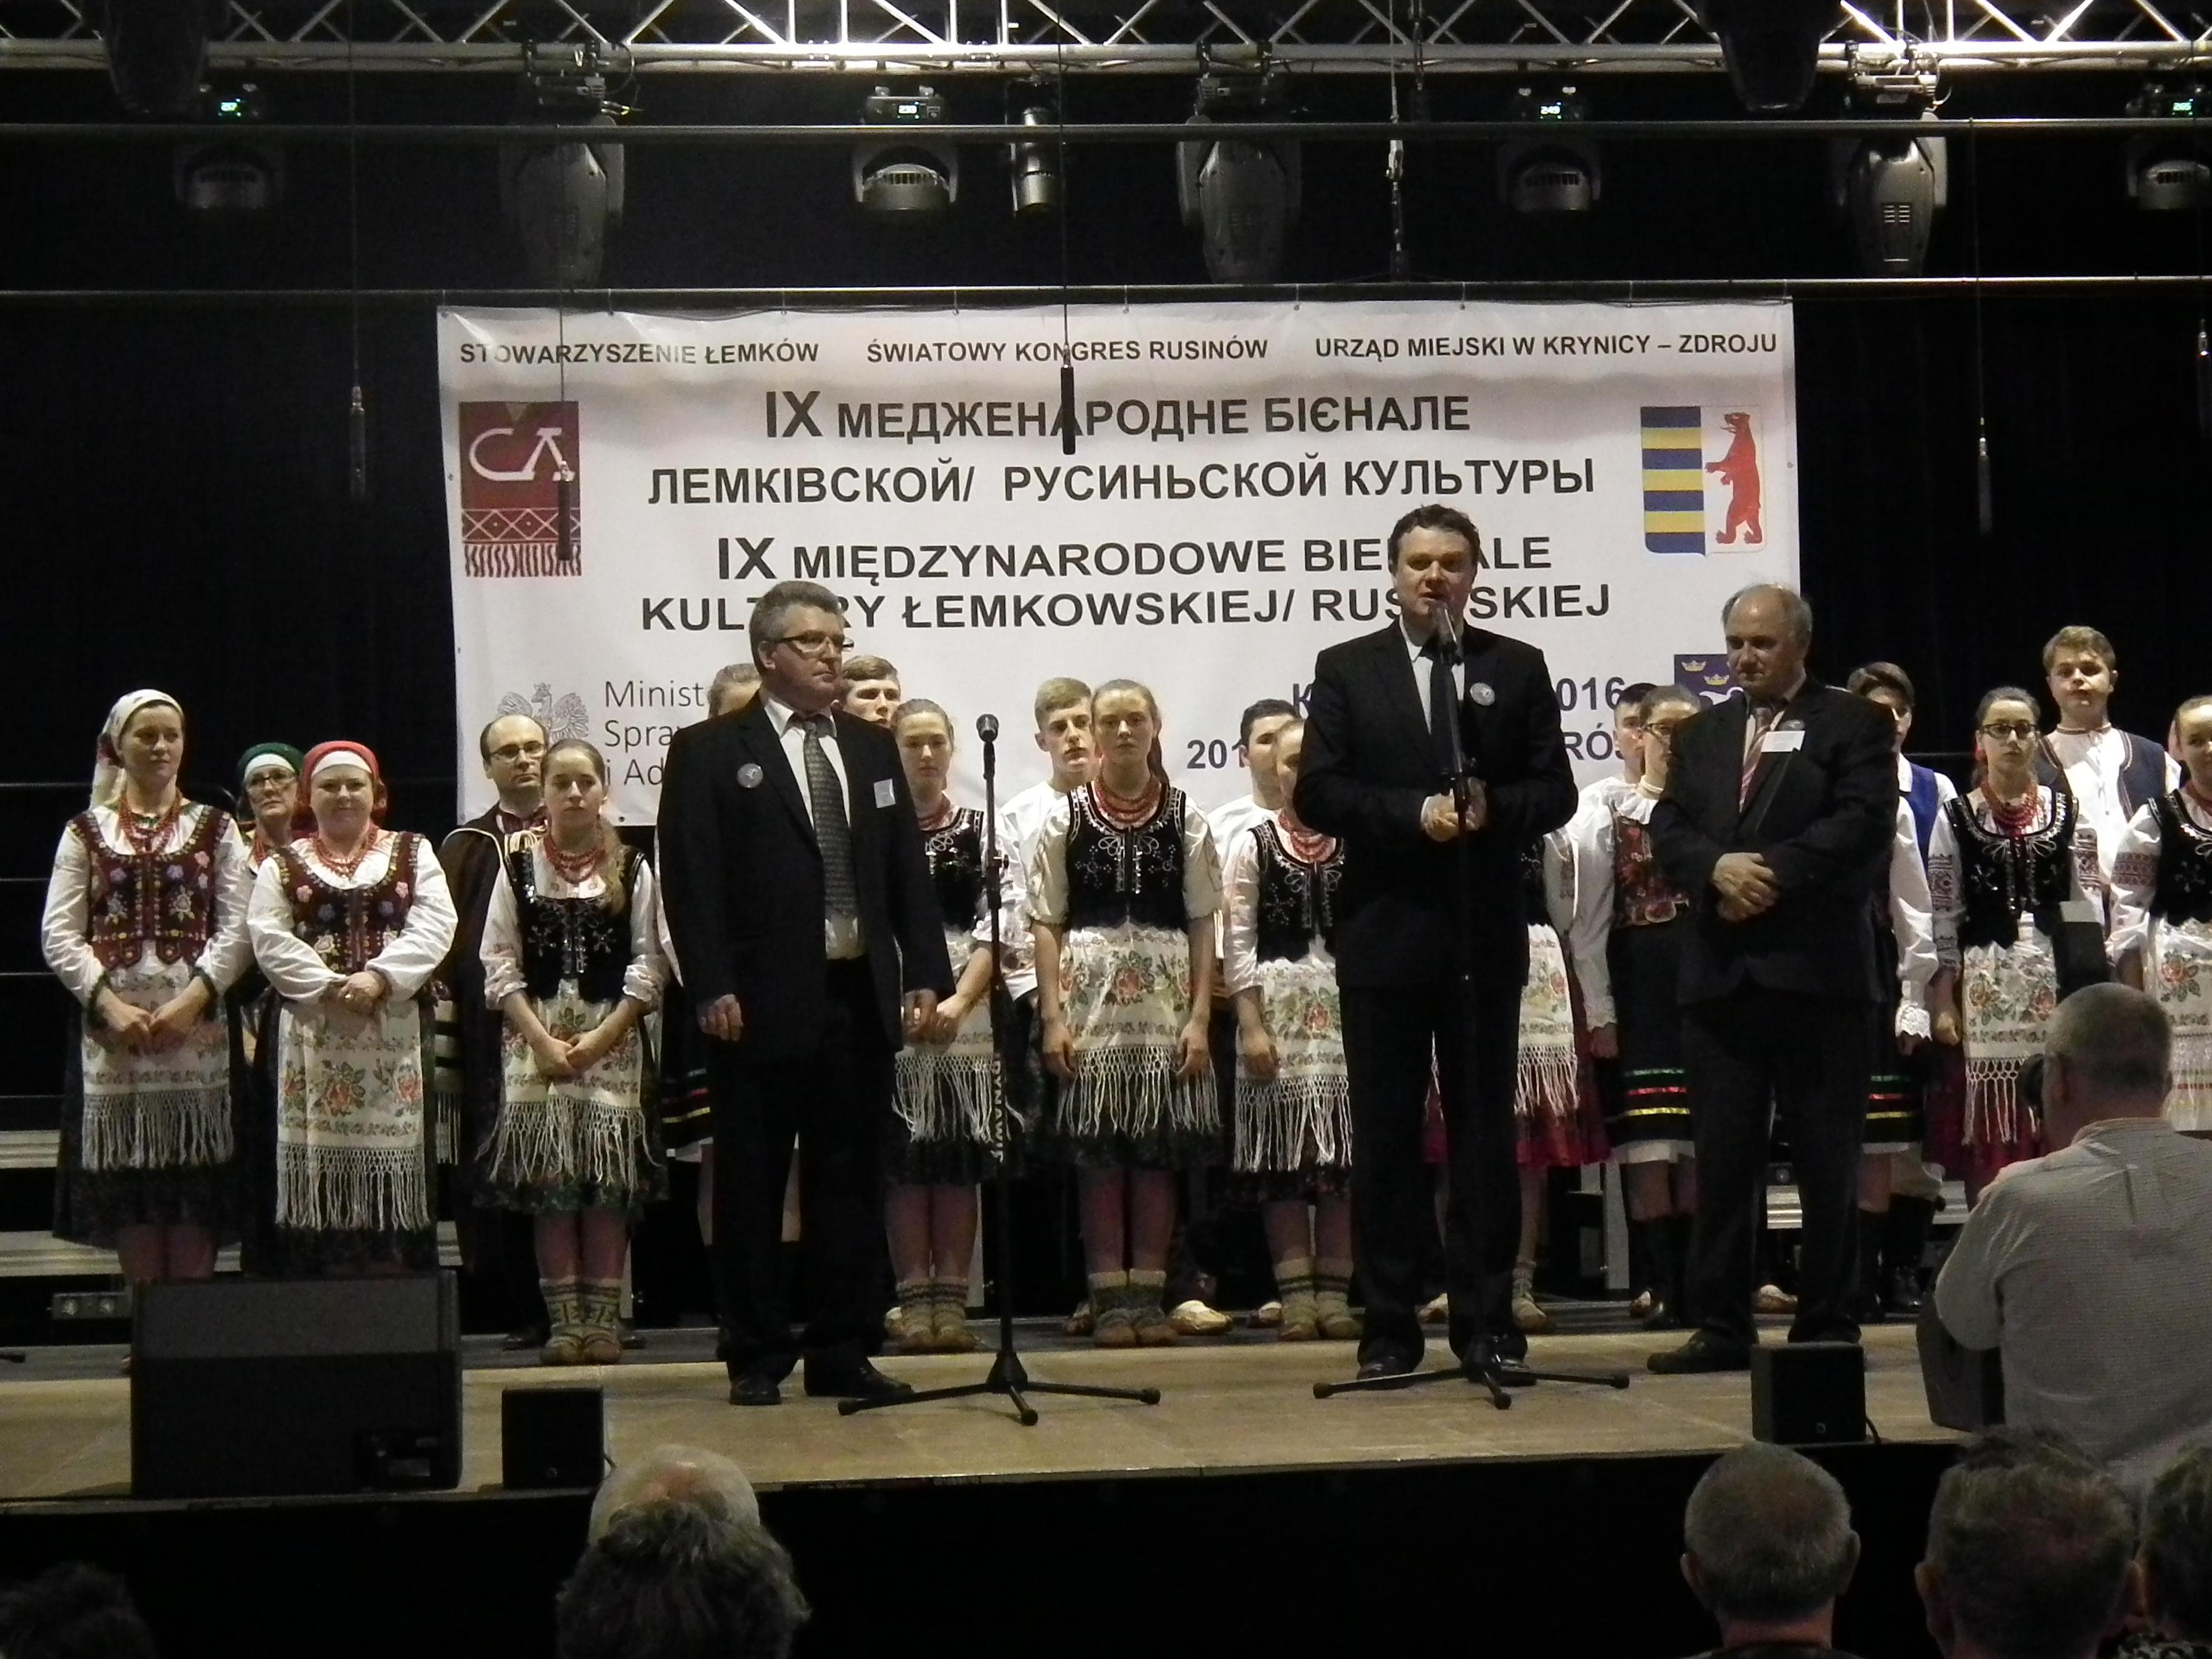 IX Międzynarodowe Biennale Kultury Łemkowskiej / Rusińskiej